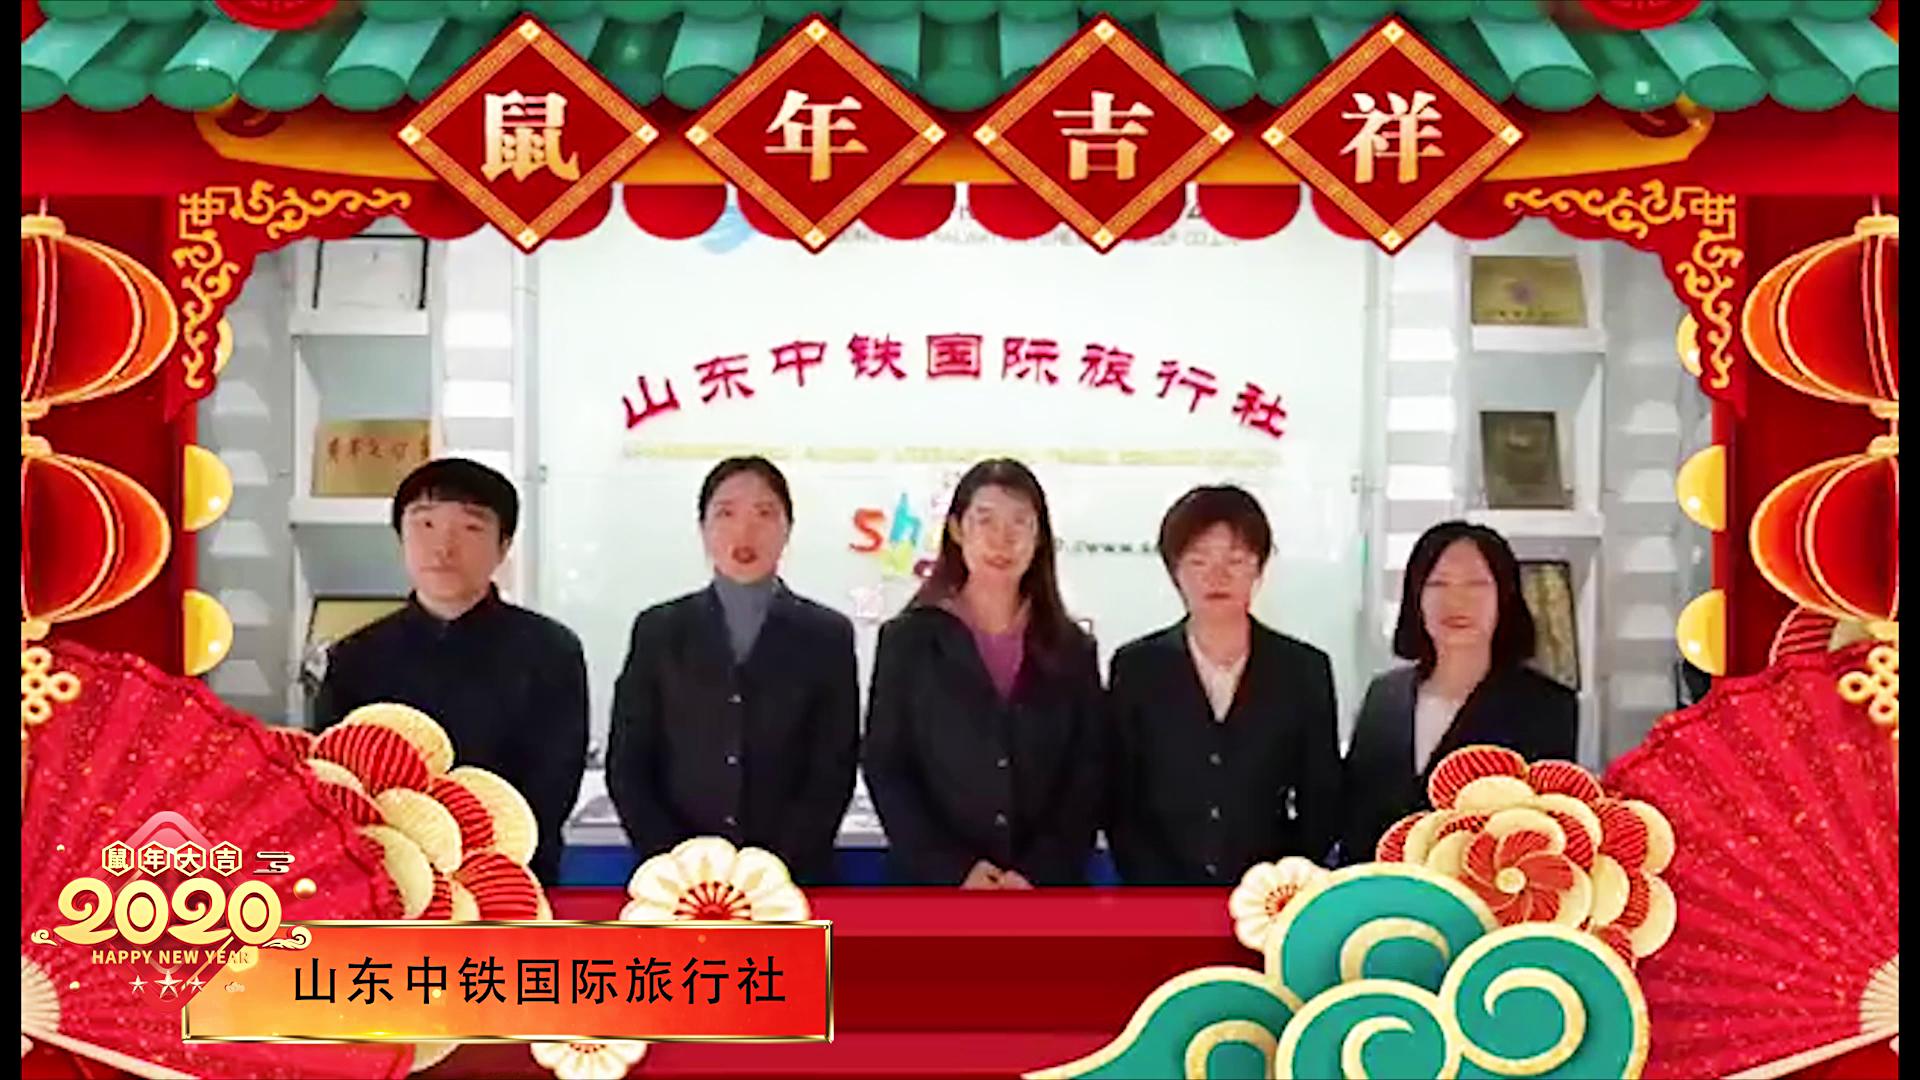 视频| 福鼠迎春,山东中铁国际旅行社祝您鼠年大吉!